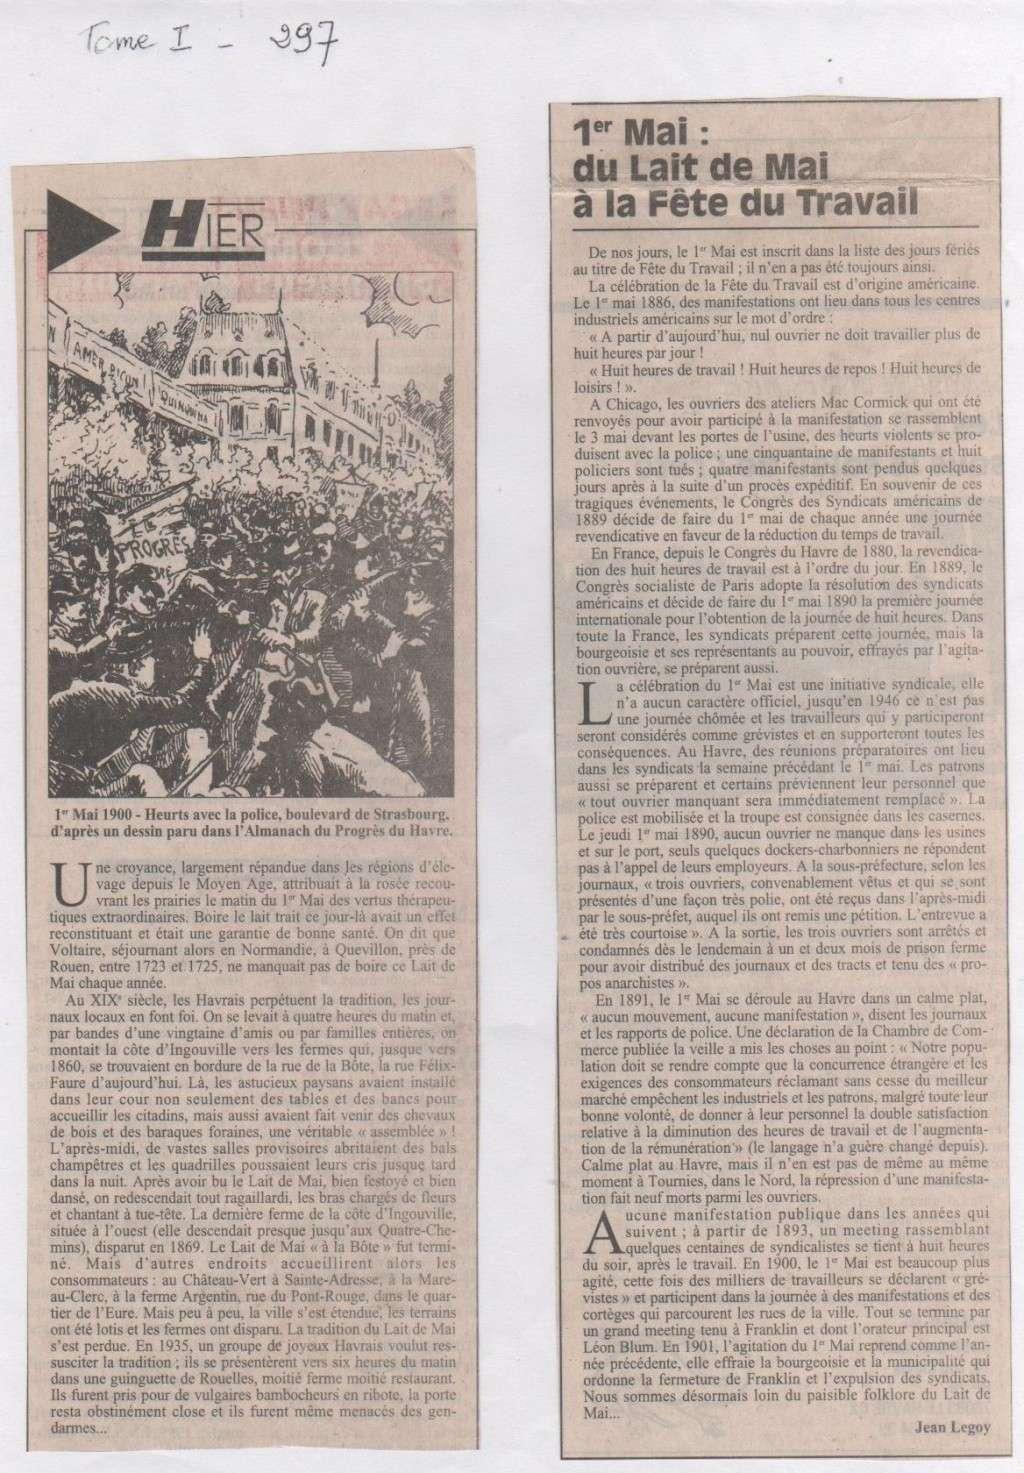 bléville - Hier, Le Havre par Jean LEGOY - Page 4 Le_pre10